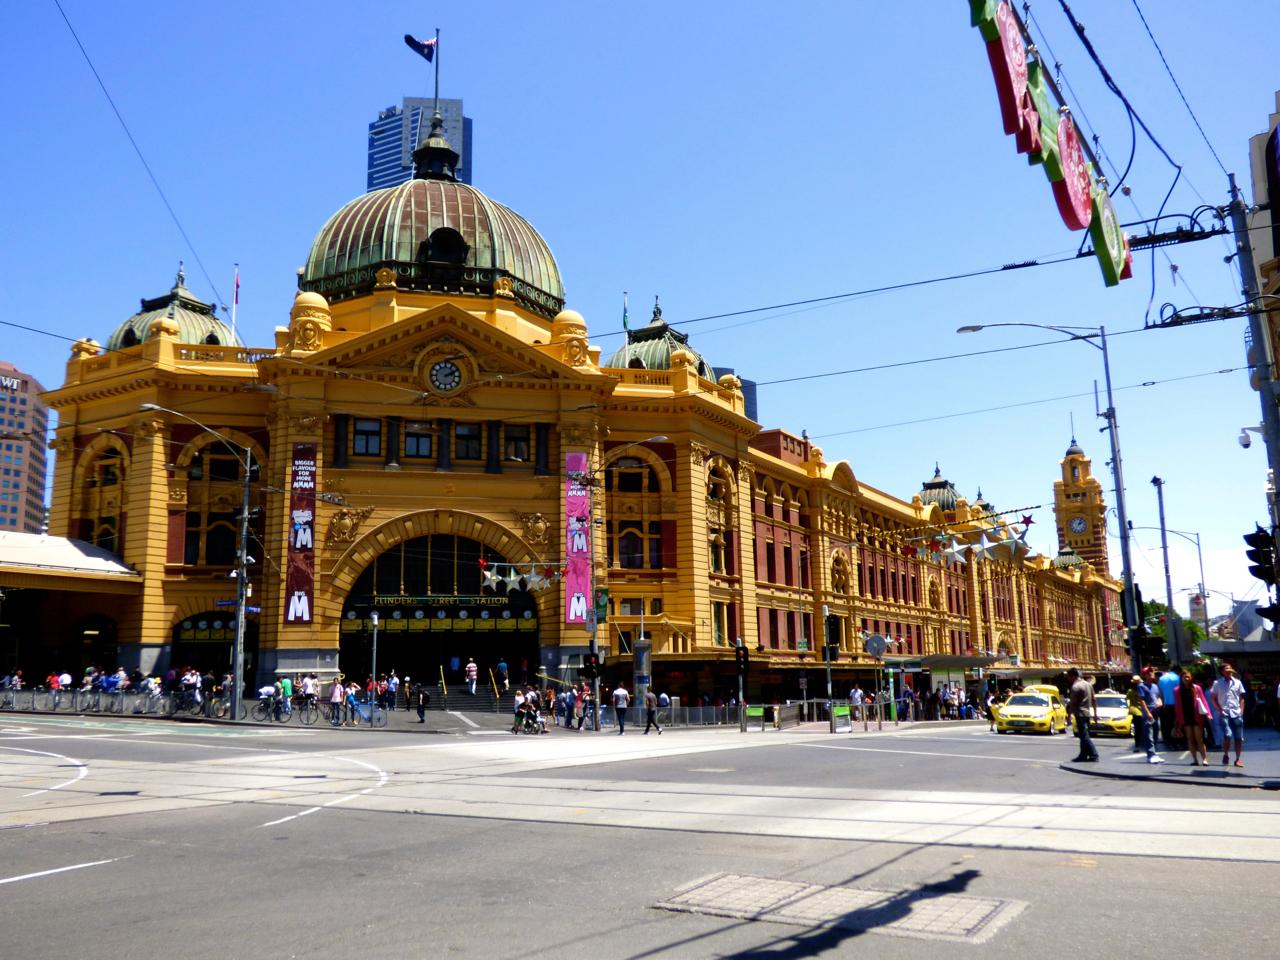 Flinders Street Station Melbourne, Australia